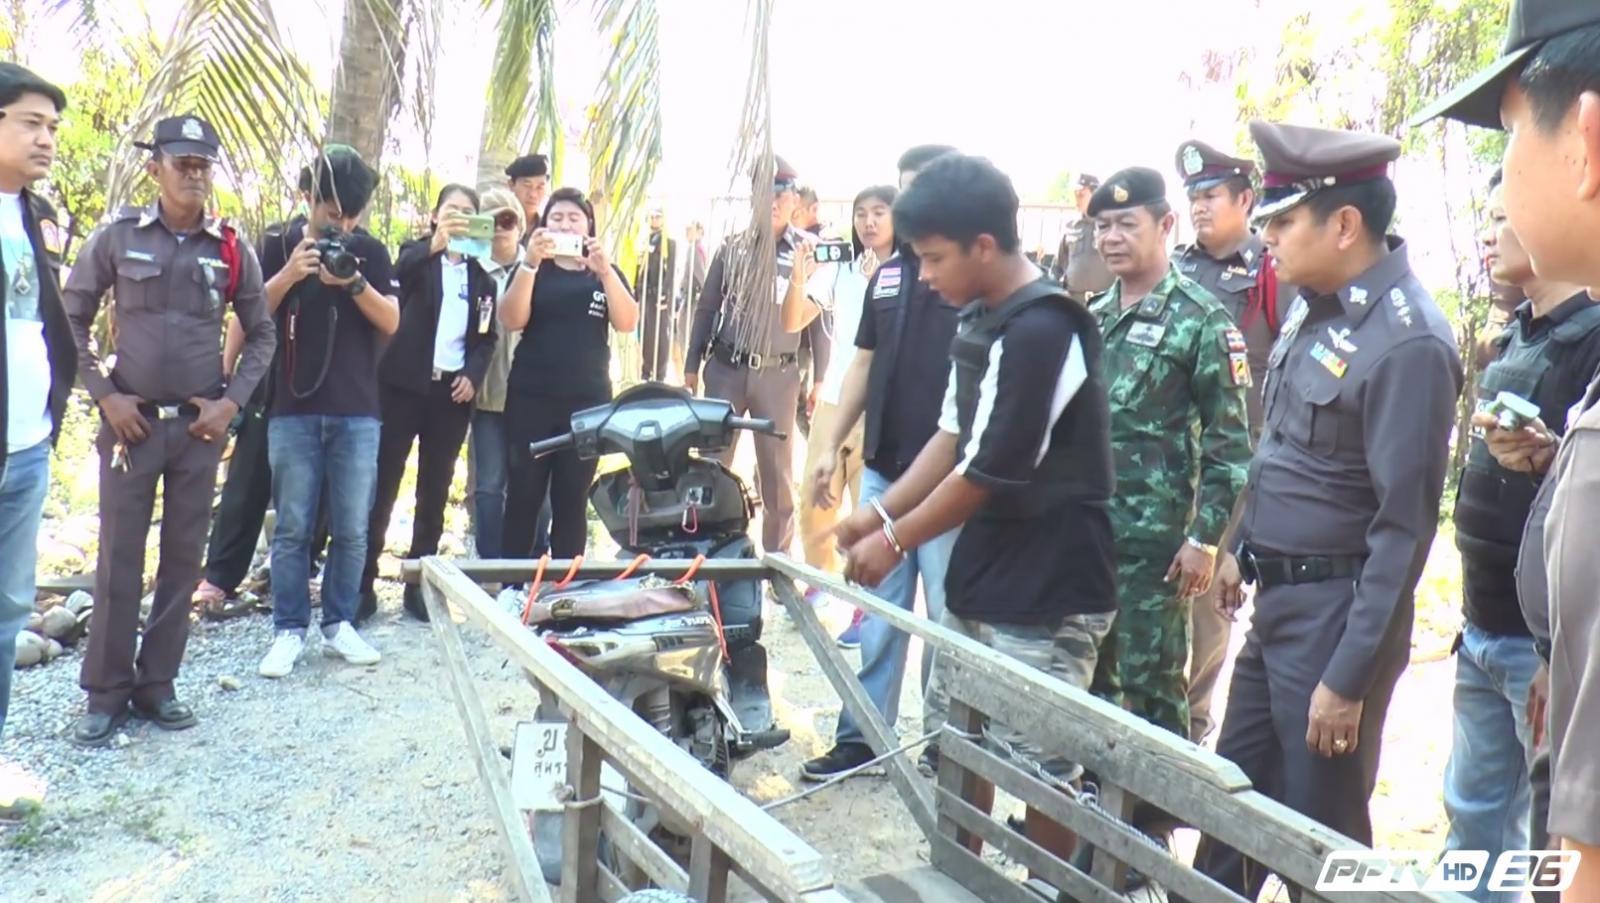 ตำรวจคุมร่างทรงฆ่าข่มขืนนักศึกษาราชภัฏทำแผน